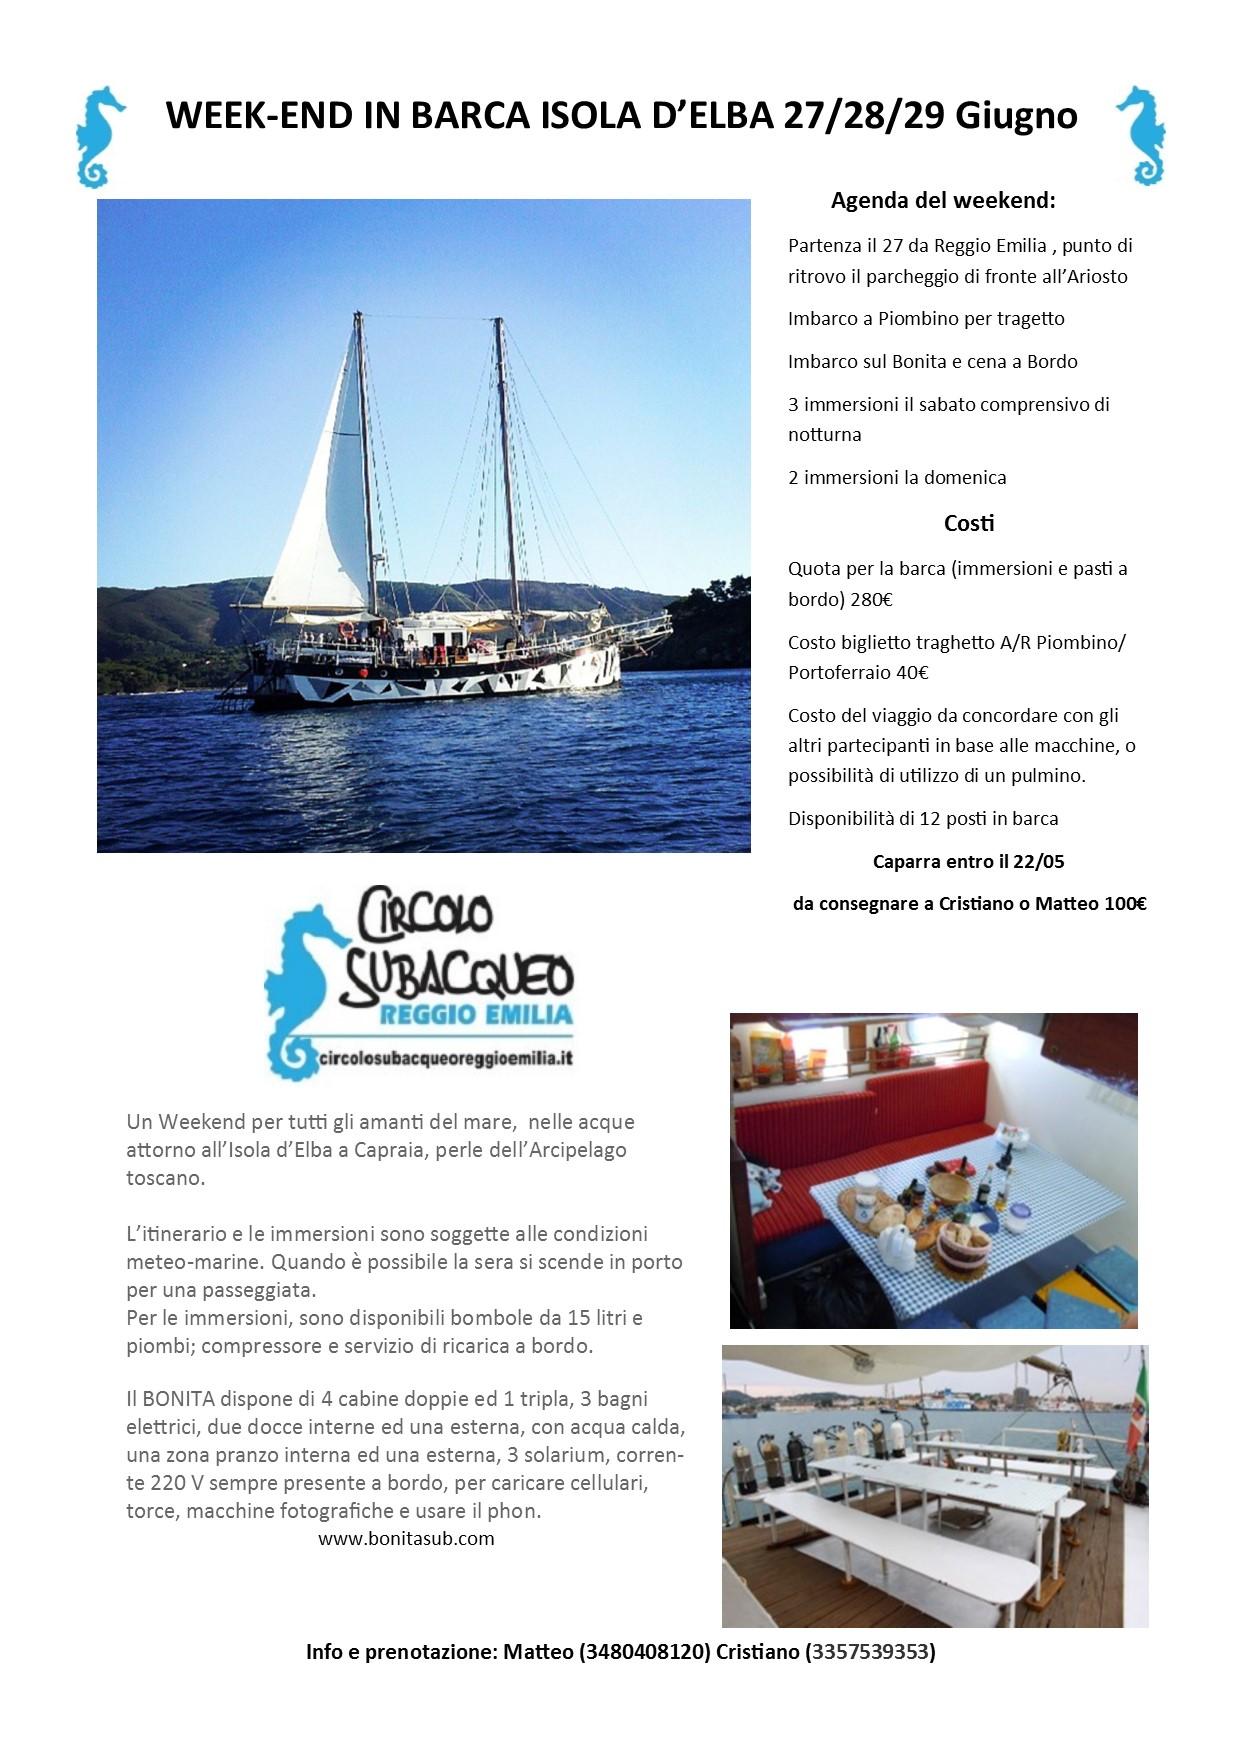 weekend in barca isola d elba 2014 circolo subacqueo